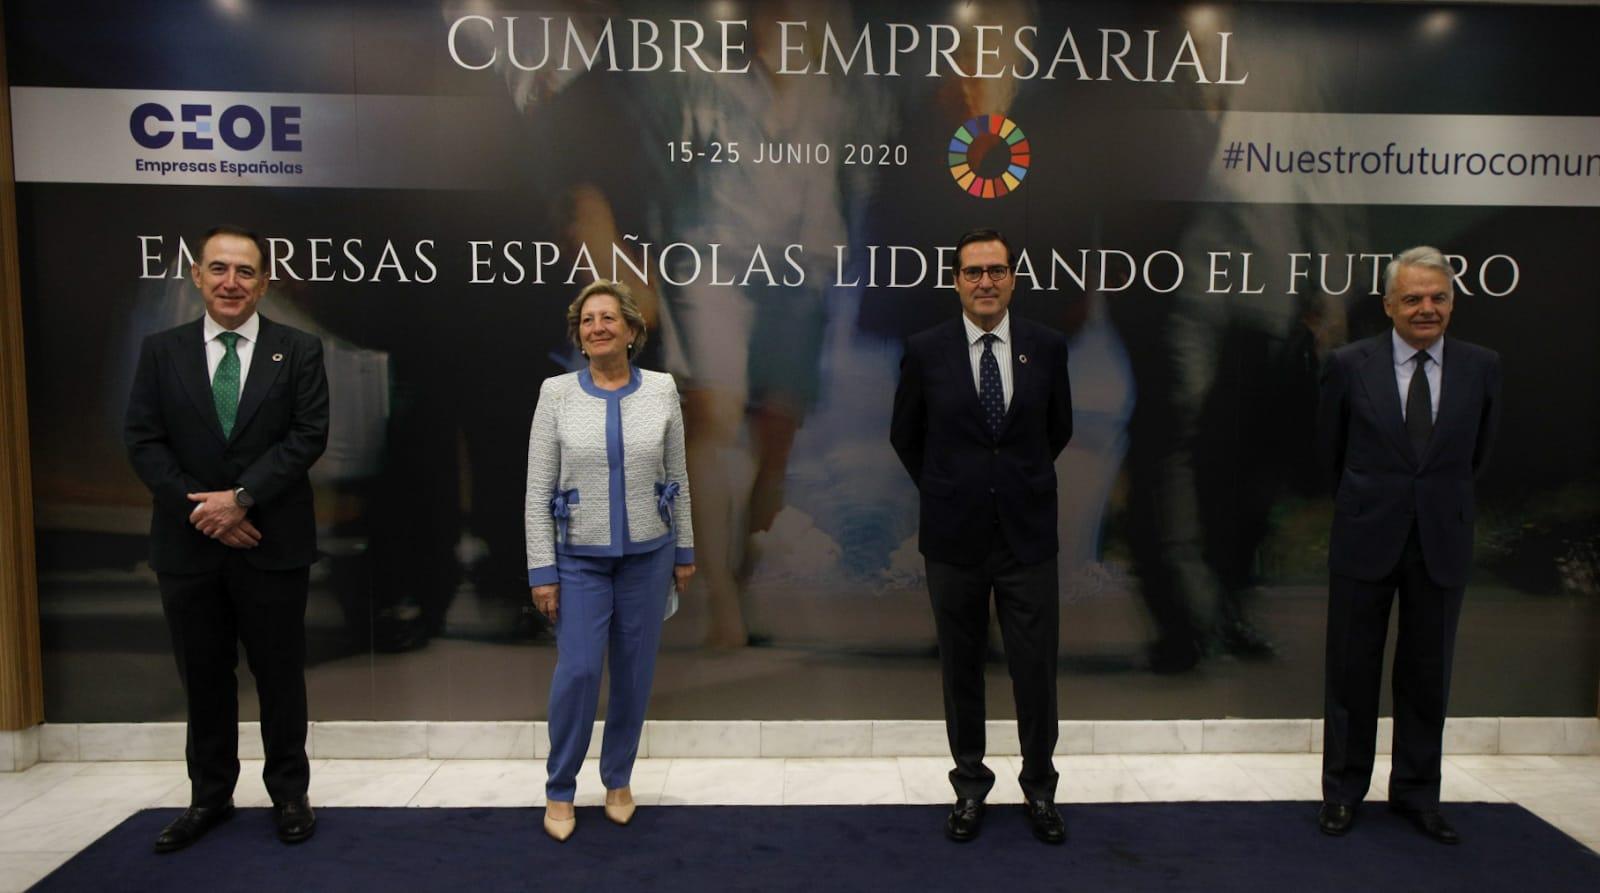 Antonio Huertas, presidente de Mapfre; Pilar González de Frutos, presidenta de Unespa; Antonio Garamendi, presidente de CEOE; y Ignacio Garralda, presidente de Mutua Madrileña